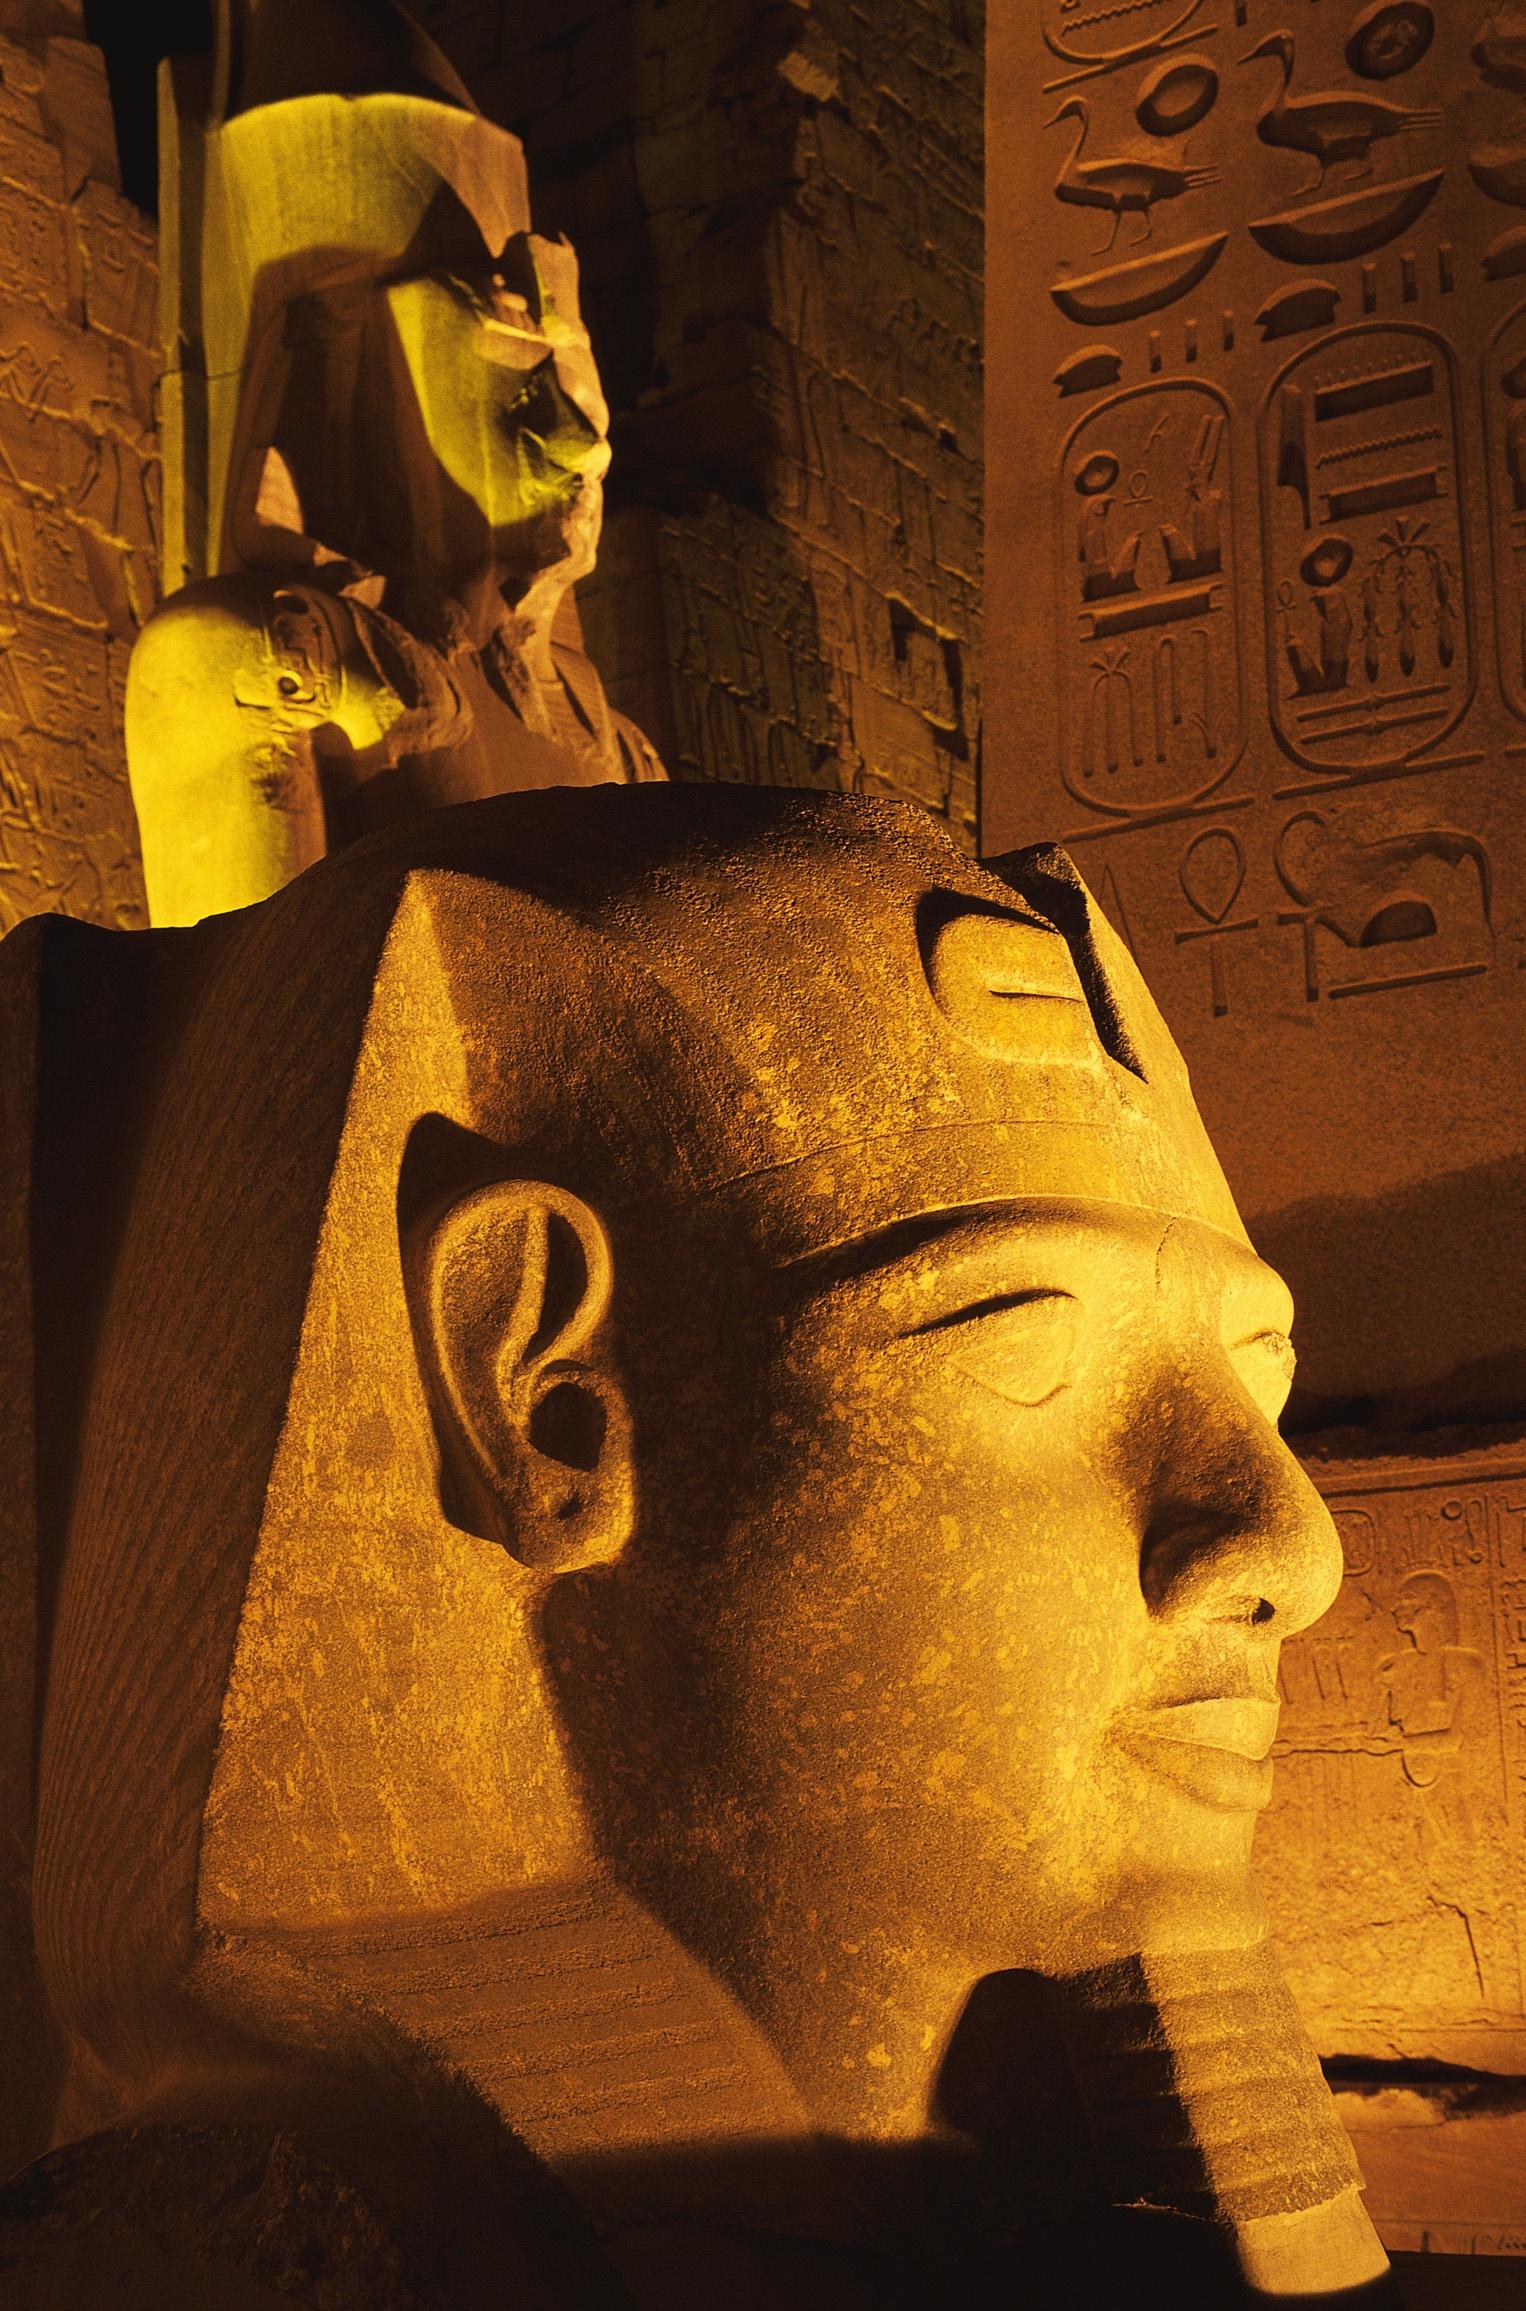 Egypt image 1.jpg